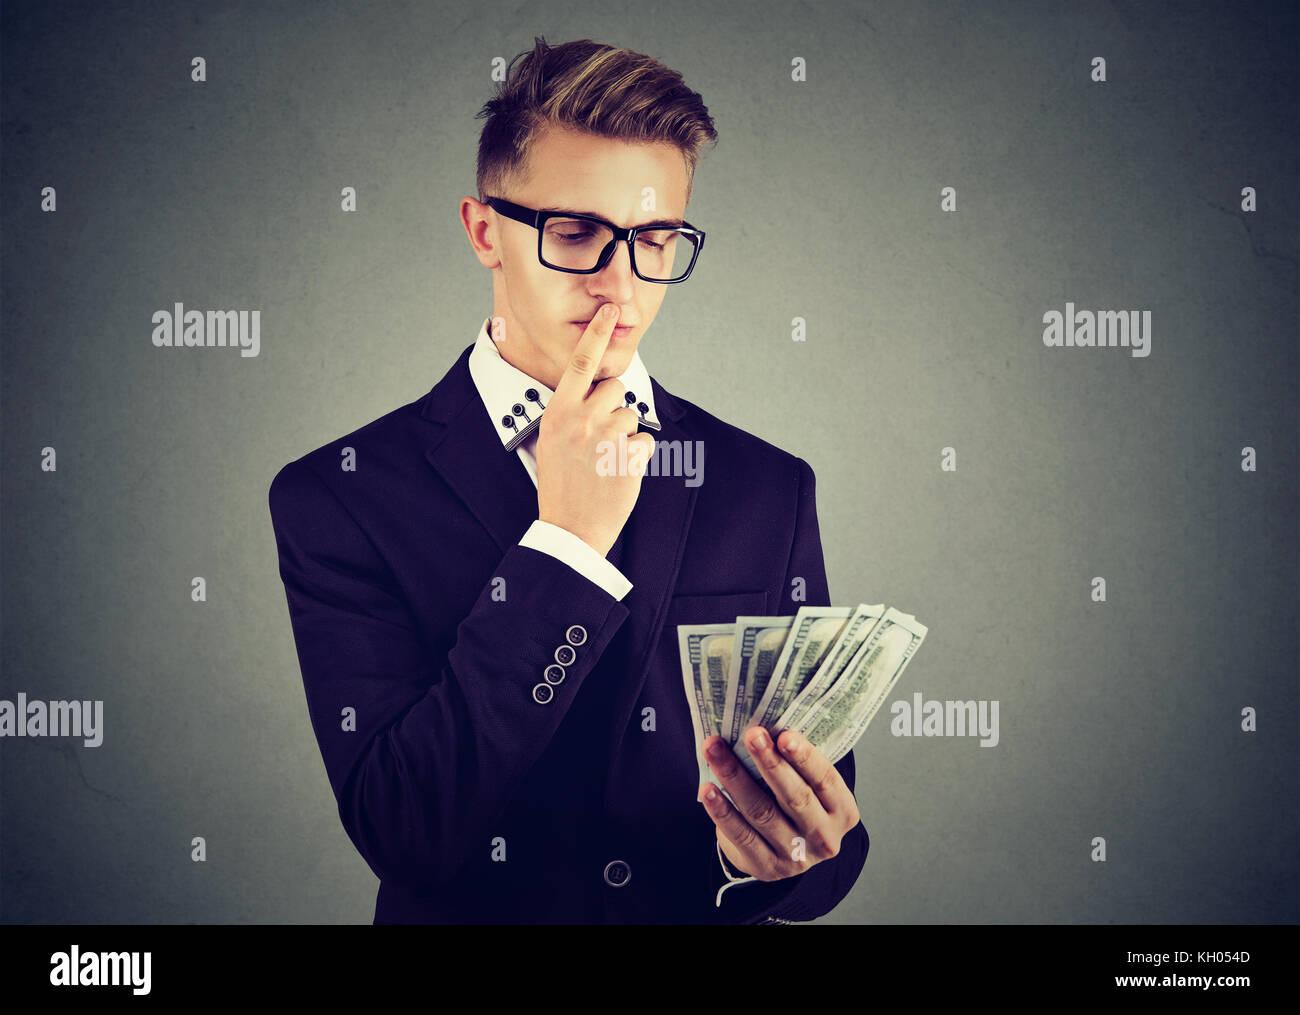 Jeune homme d'affaires avec de l'argent Photo Stock